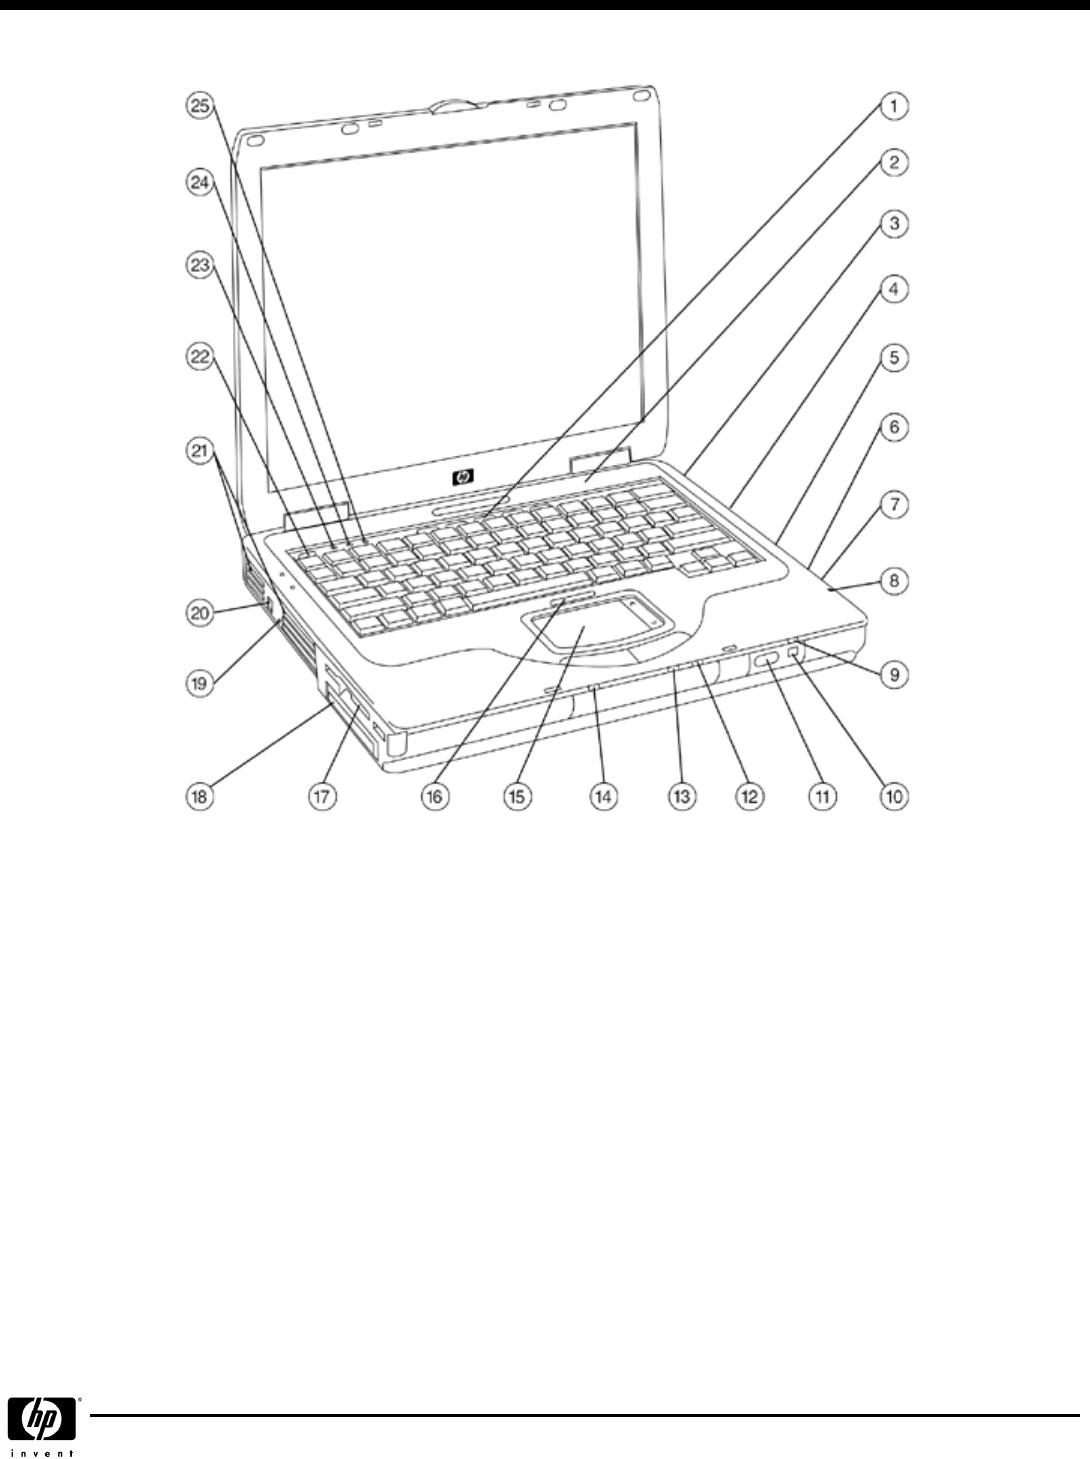 HP (Hewlett-Packard) Laptop nx9010 User Guide